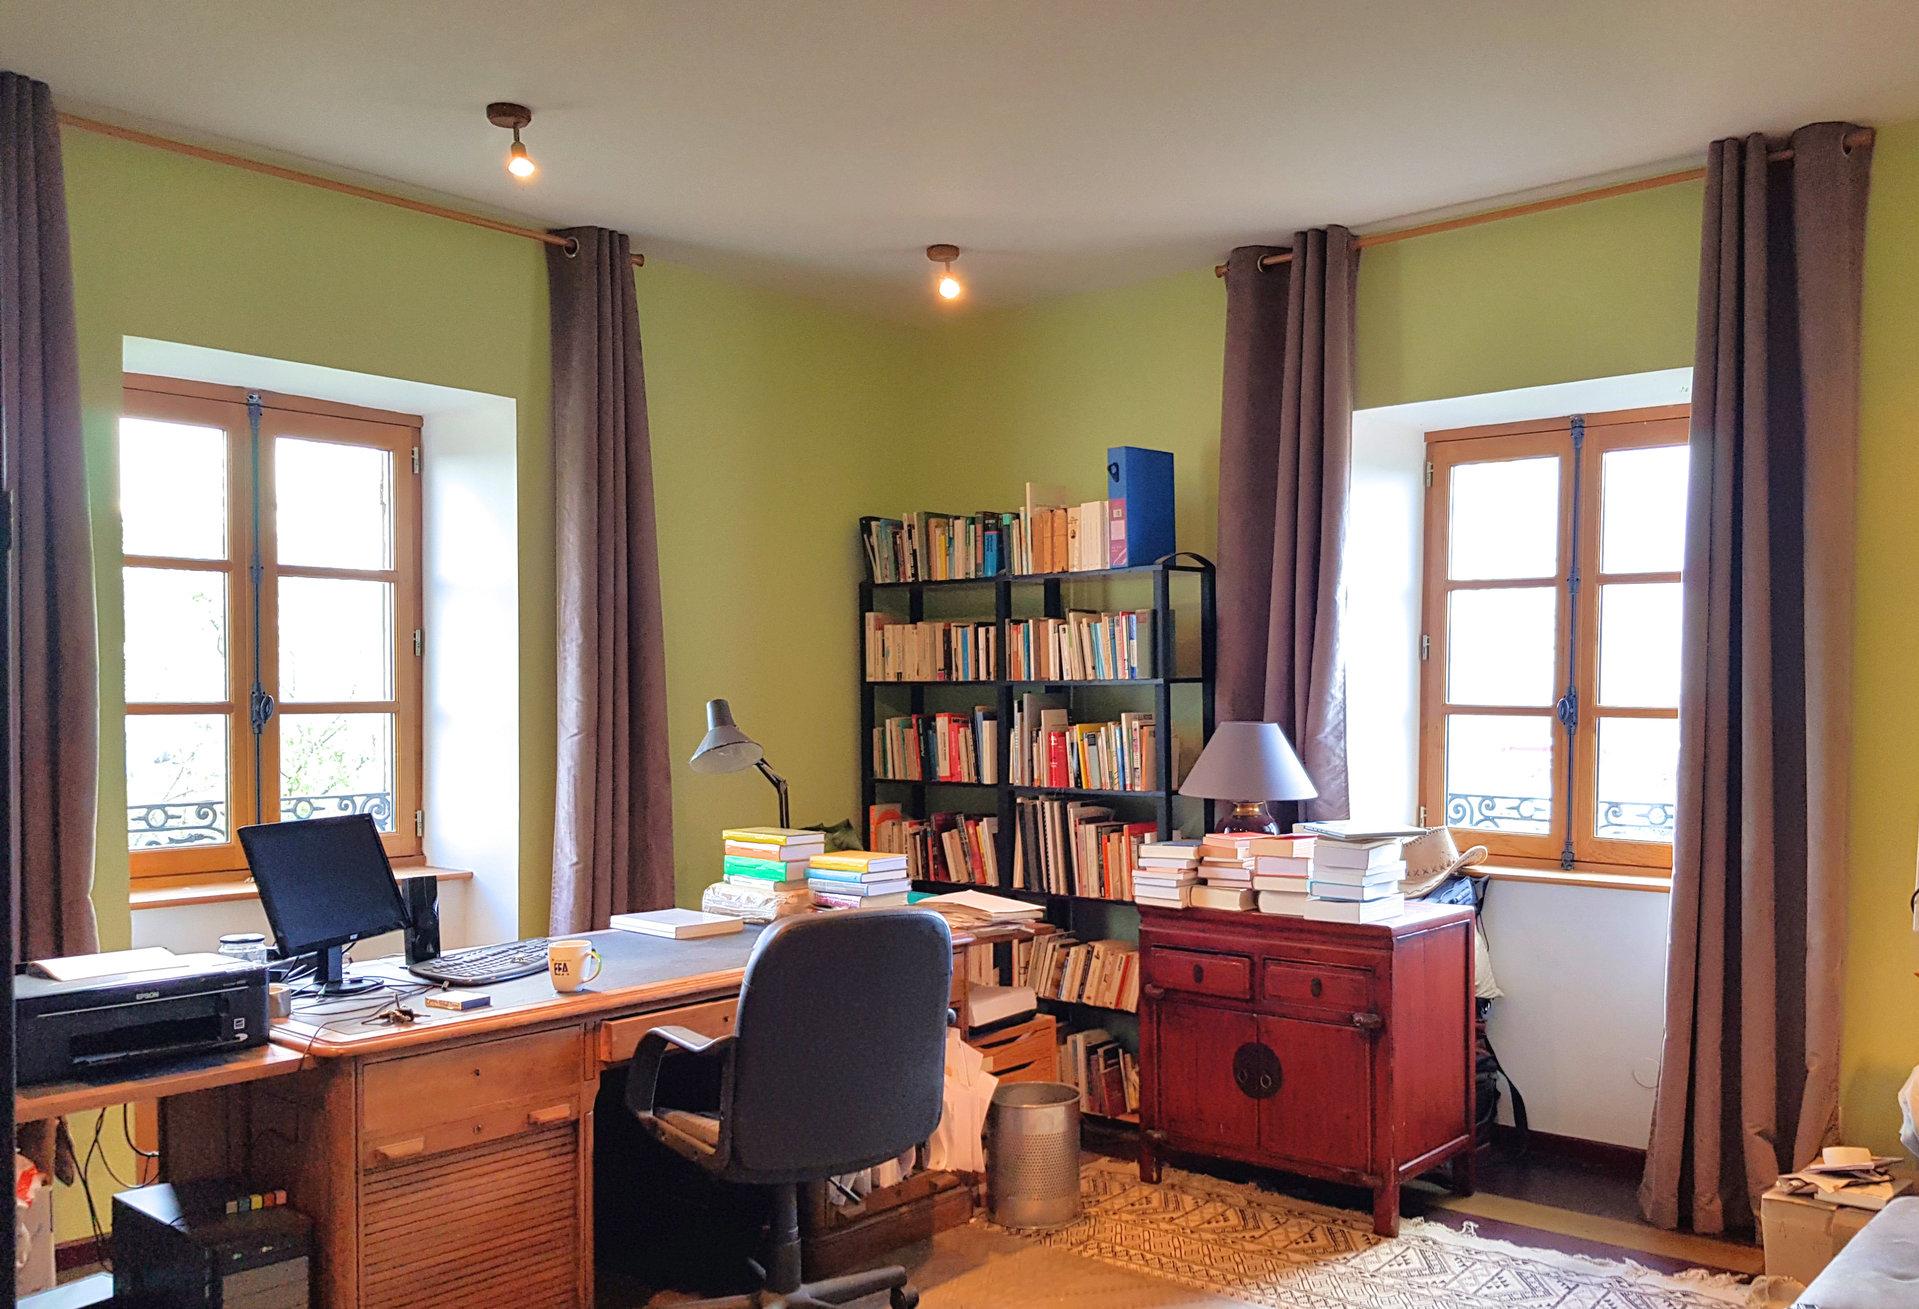 Découvrez cette demeure exceptionnelle du 18ème, située proche des grands axes routiers (45 minutes de Lyon) et de la gare TGV (1h40 de Paris). Cette bâtisse en pierre a été entièrement rénovée, associant le confort et le charme de l?ancien. D'une surface totale de 350 m² environ, elle est élevée sur trois niveaux. Elle comprend un vaste salon de 50 m², une salle à manger, une cuisine indépendante équipée, une bibliothèque, un bureau, une buanderie, 5 chambres, 2 salle de bains et une suite parentale avec salle de bains et dressing. Vous apprécierez sa grande salle de sport pouvant servir d?atelier d?artiste, de salle de musique ou de dortoir familial. Les pièces de vie sont ouvertes sur un grand jardin arboré et verdoyant de 5700 m². De nombreuses possibilités d'exploitation sont envisageables, avec des espaces pouvant être indépendants. Vous apprécierez la qualité de la rénovation, l'originalité, et le charme de ce bien exceptionnel. Honoraires d?agence à la charge du vendeur.